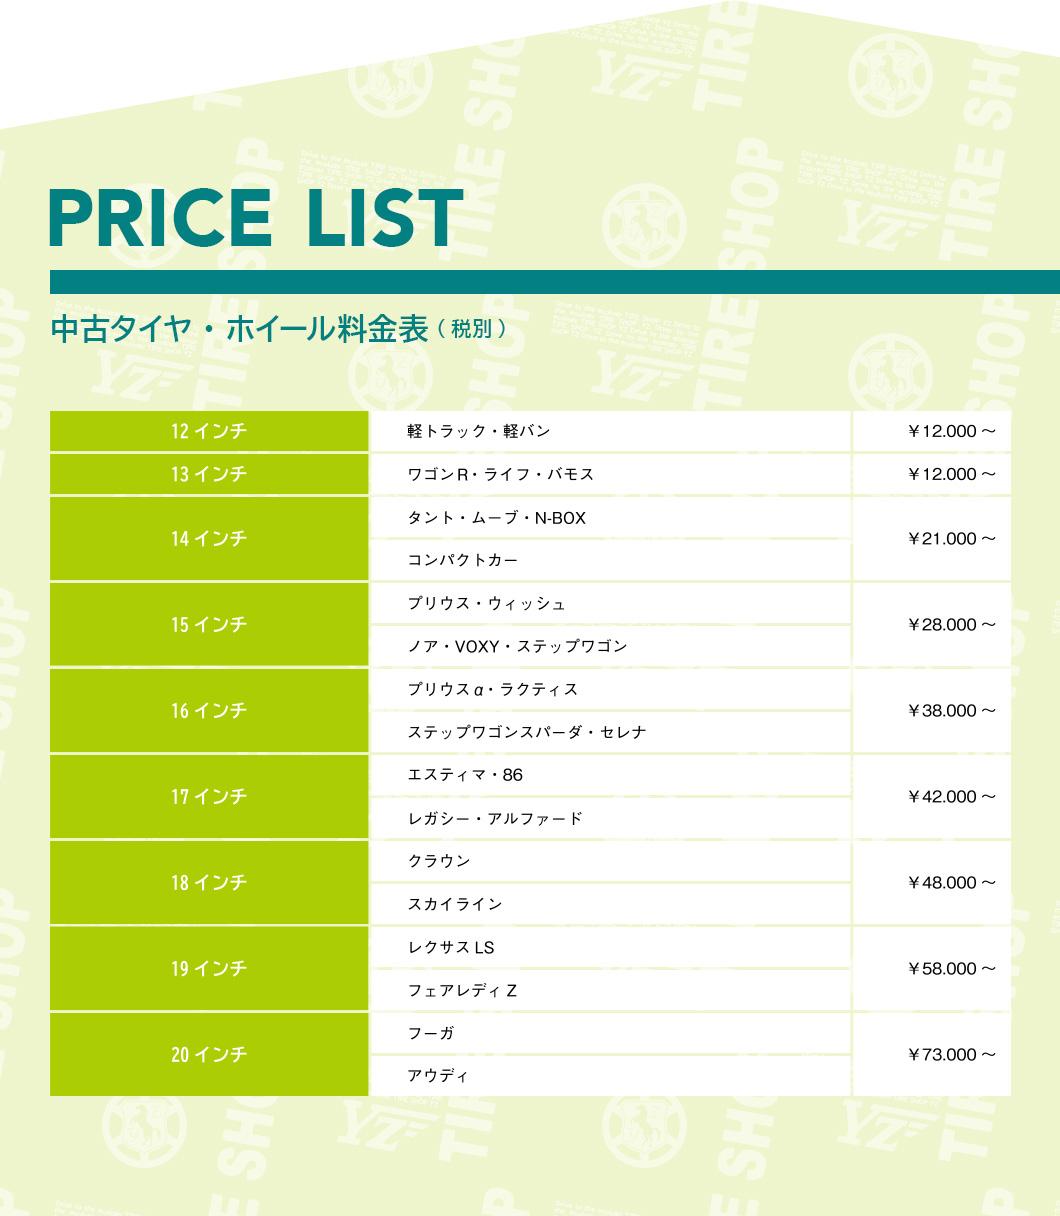 中古タイヤ・ホイール料金表